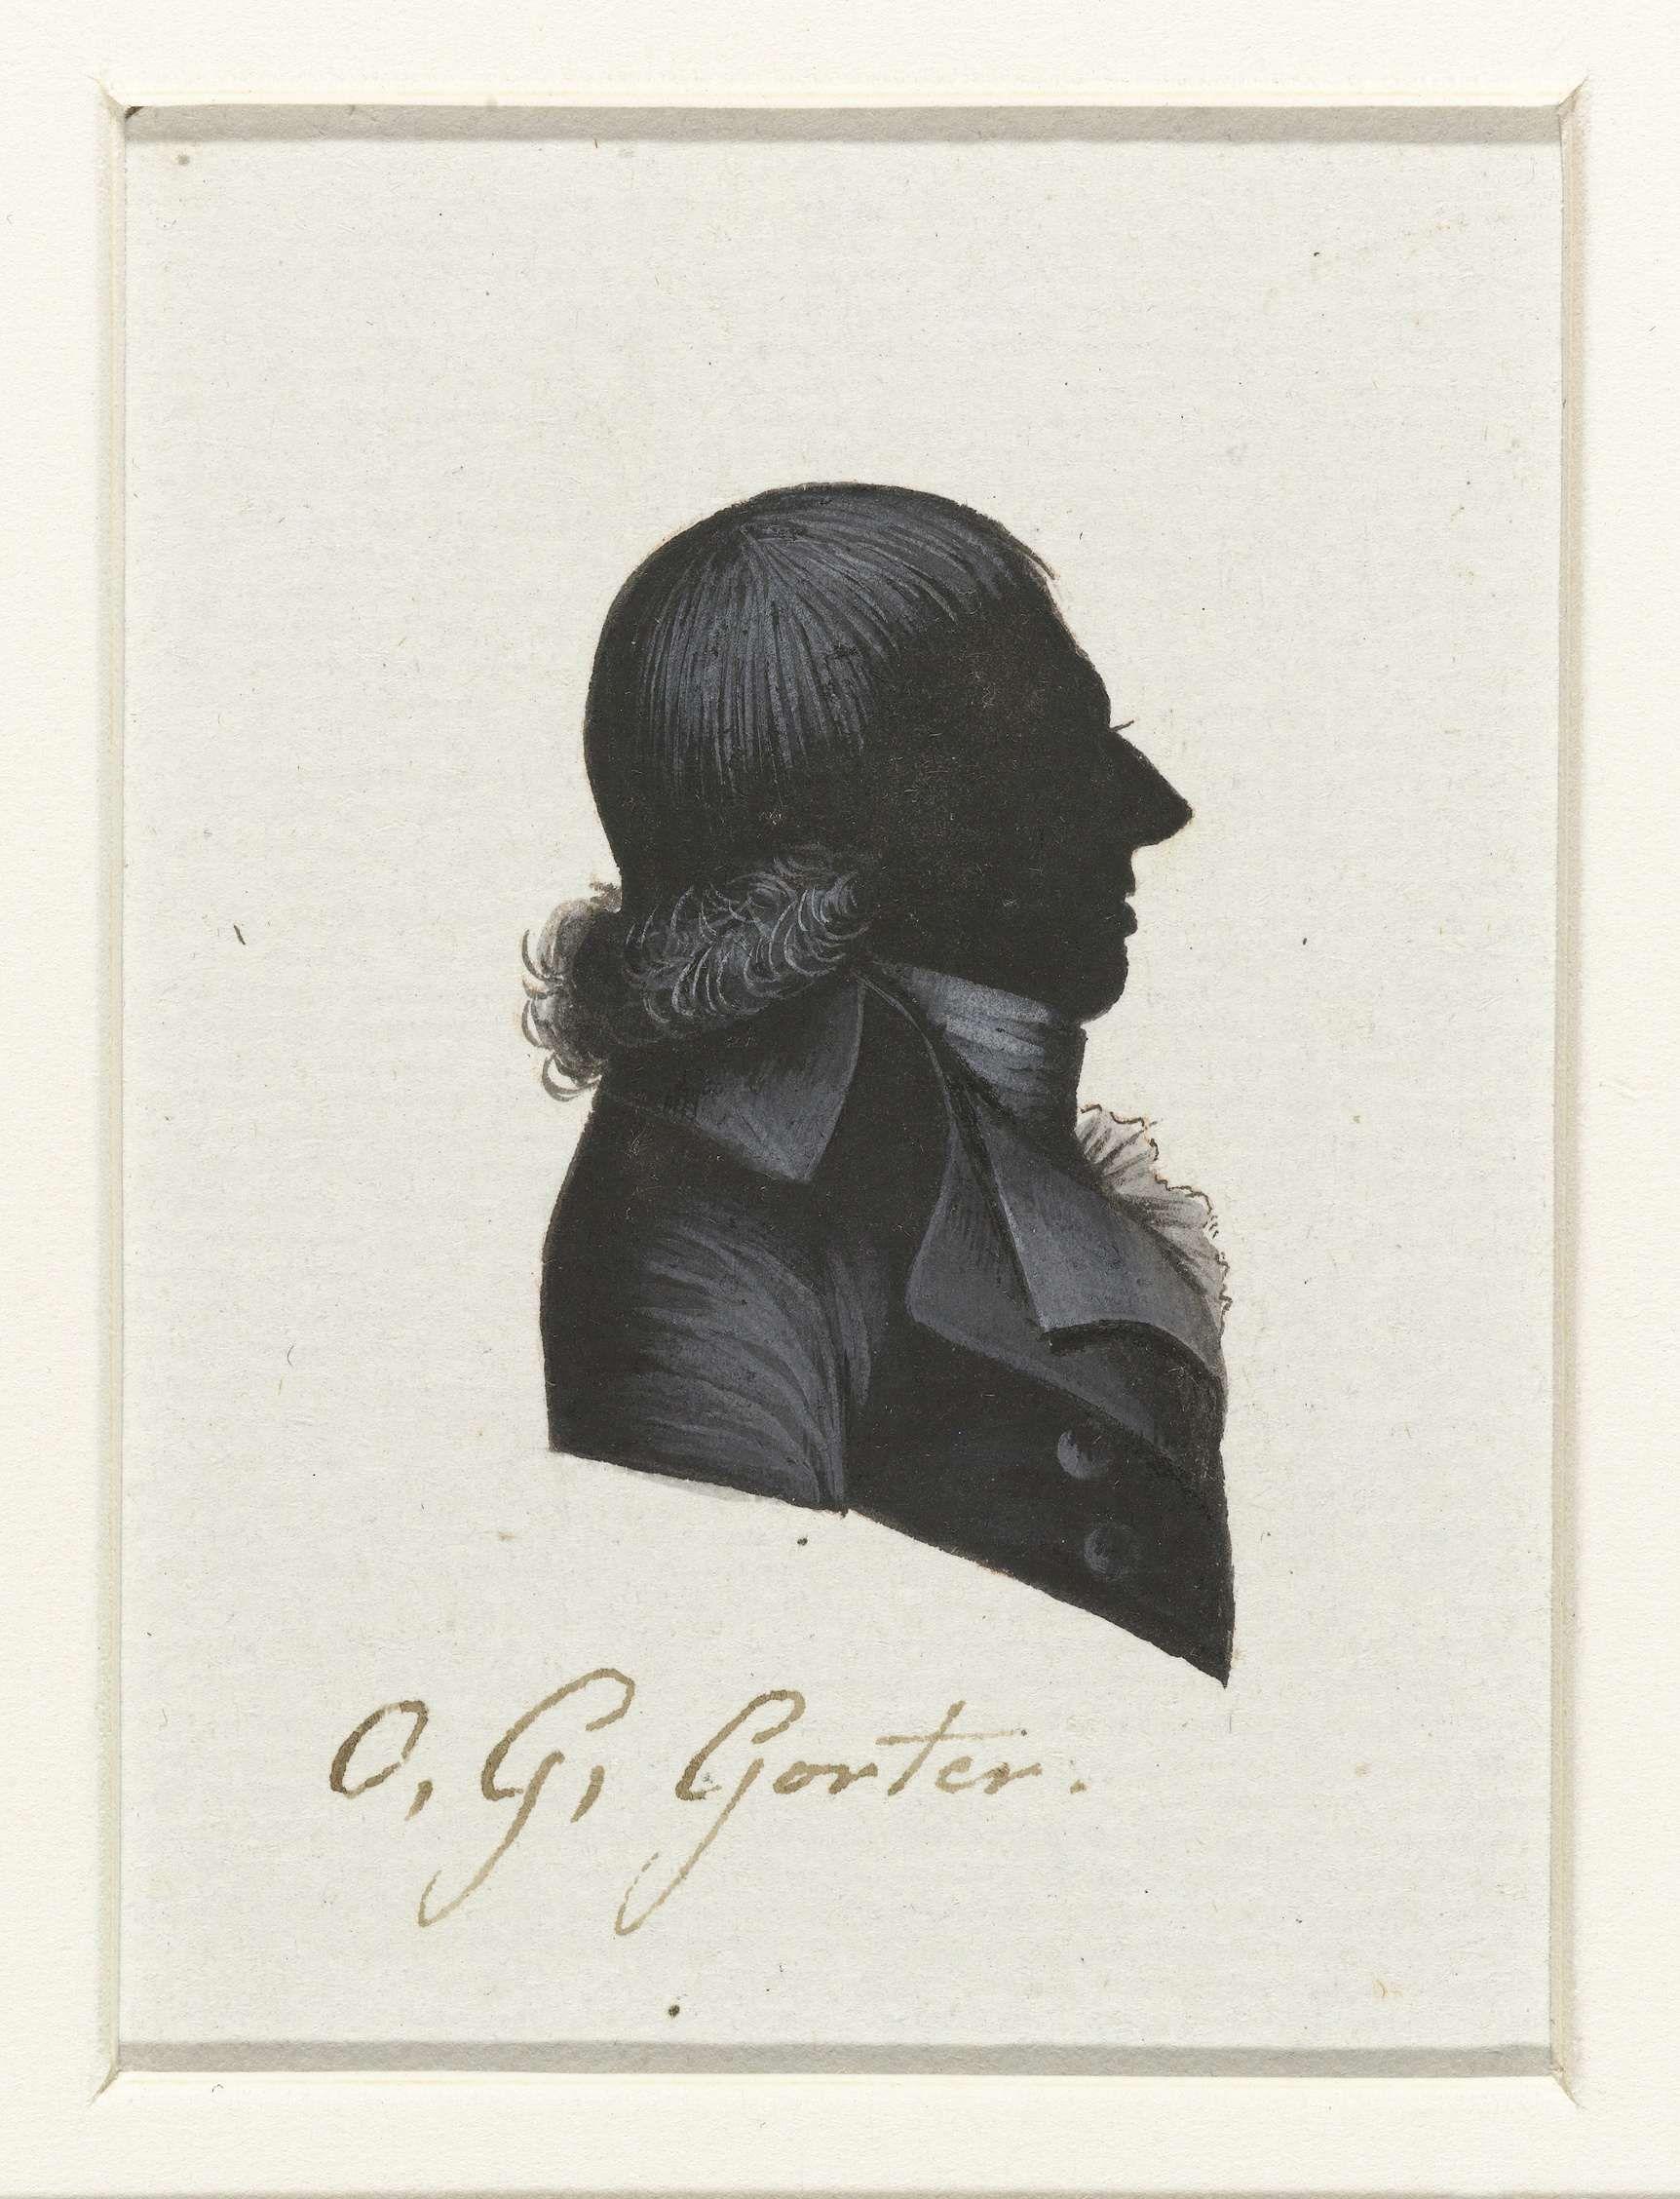 anoniem   O.G. Gorter, possibly Hausdorff, 1796   Silhouet van borstbeeld in profiel naar rechts. Tot over de schouders, aan de onderzijde opkrullend haar. Jabot. Opschrift; o.: O. G. Gorter.